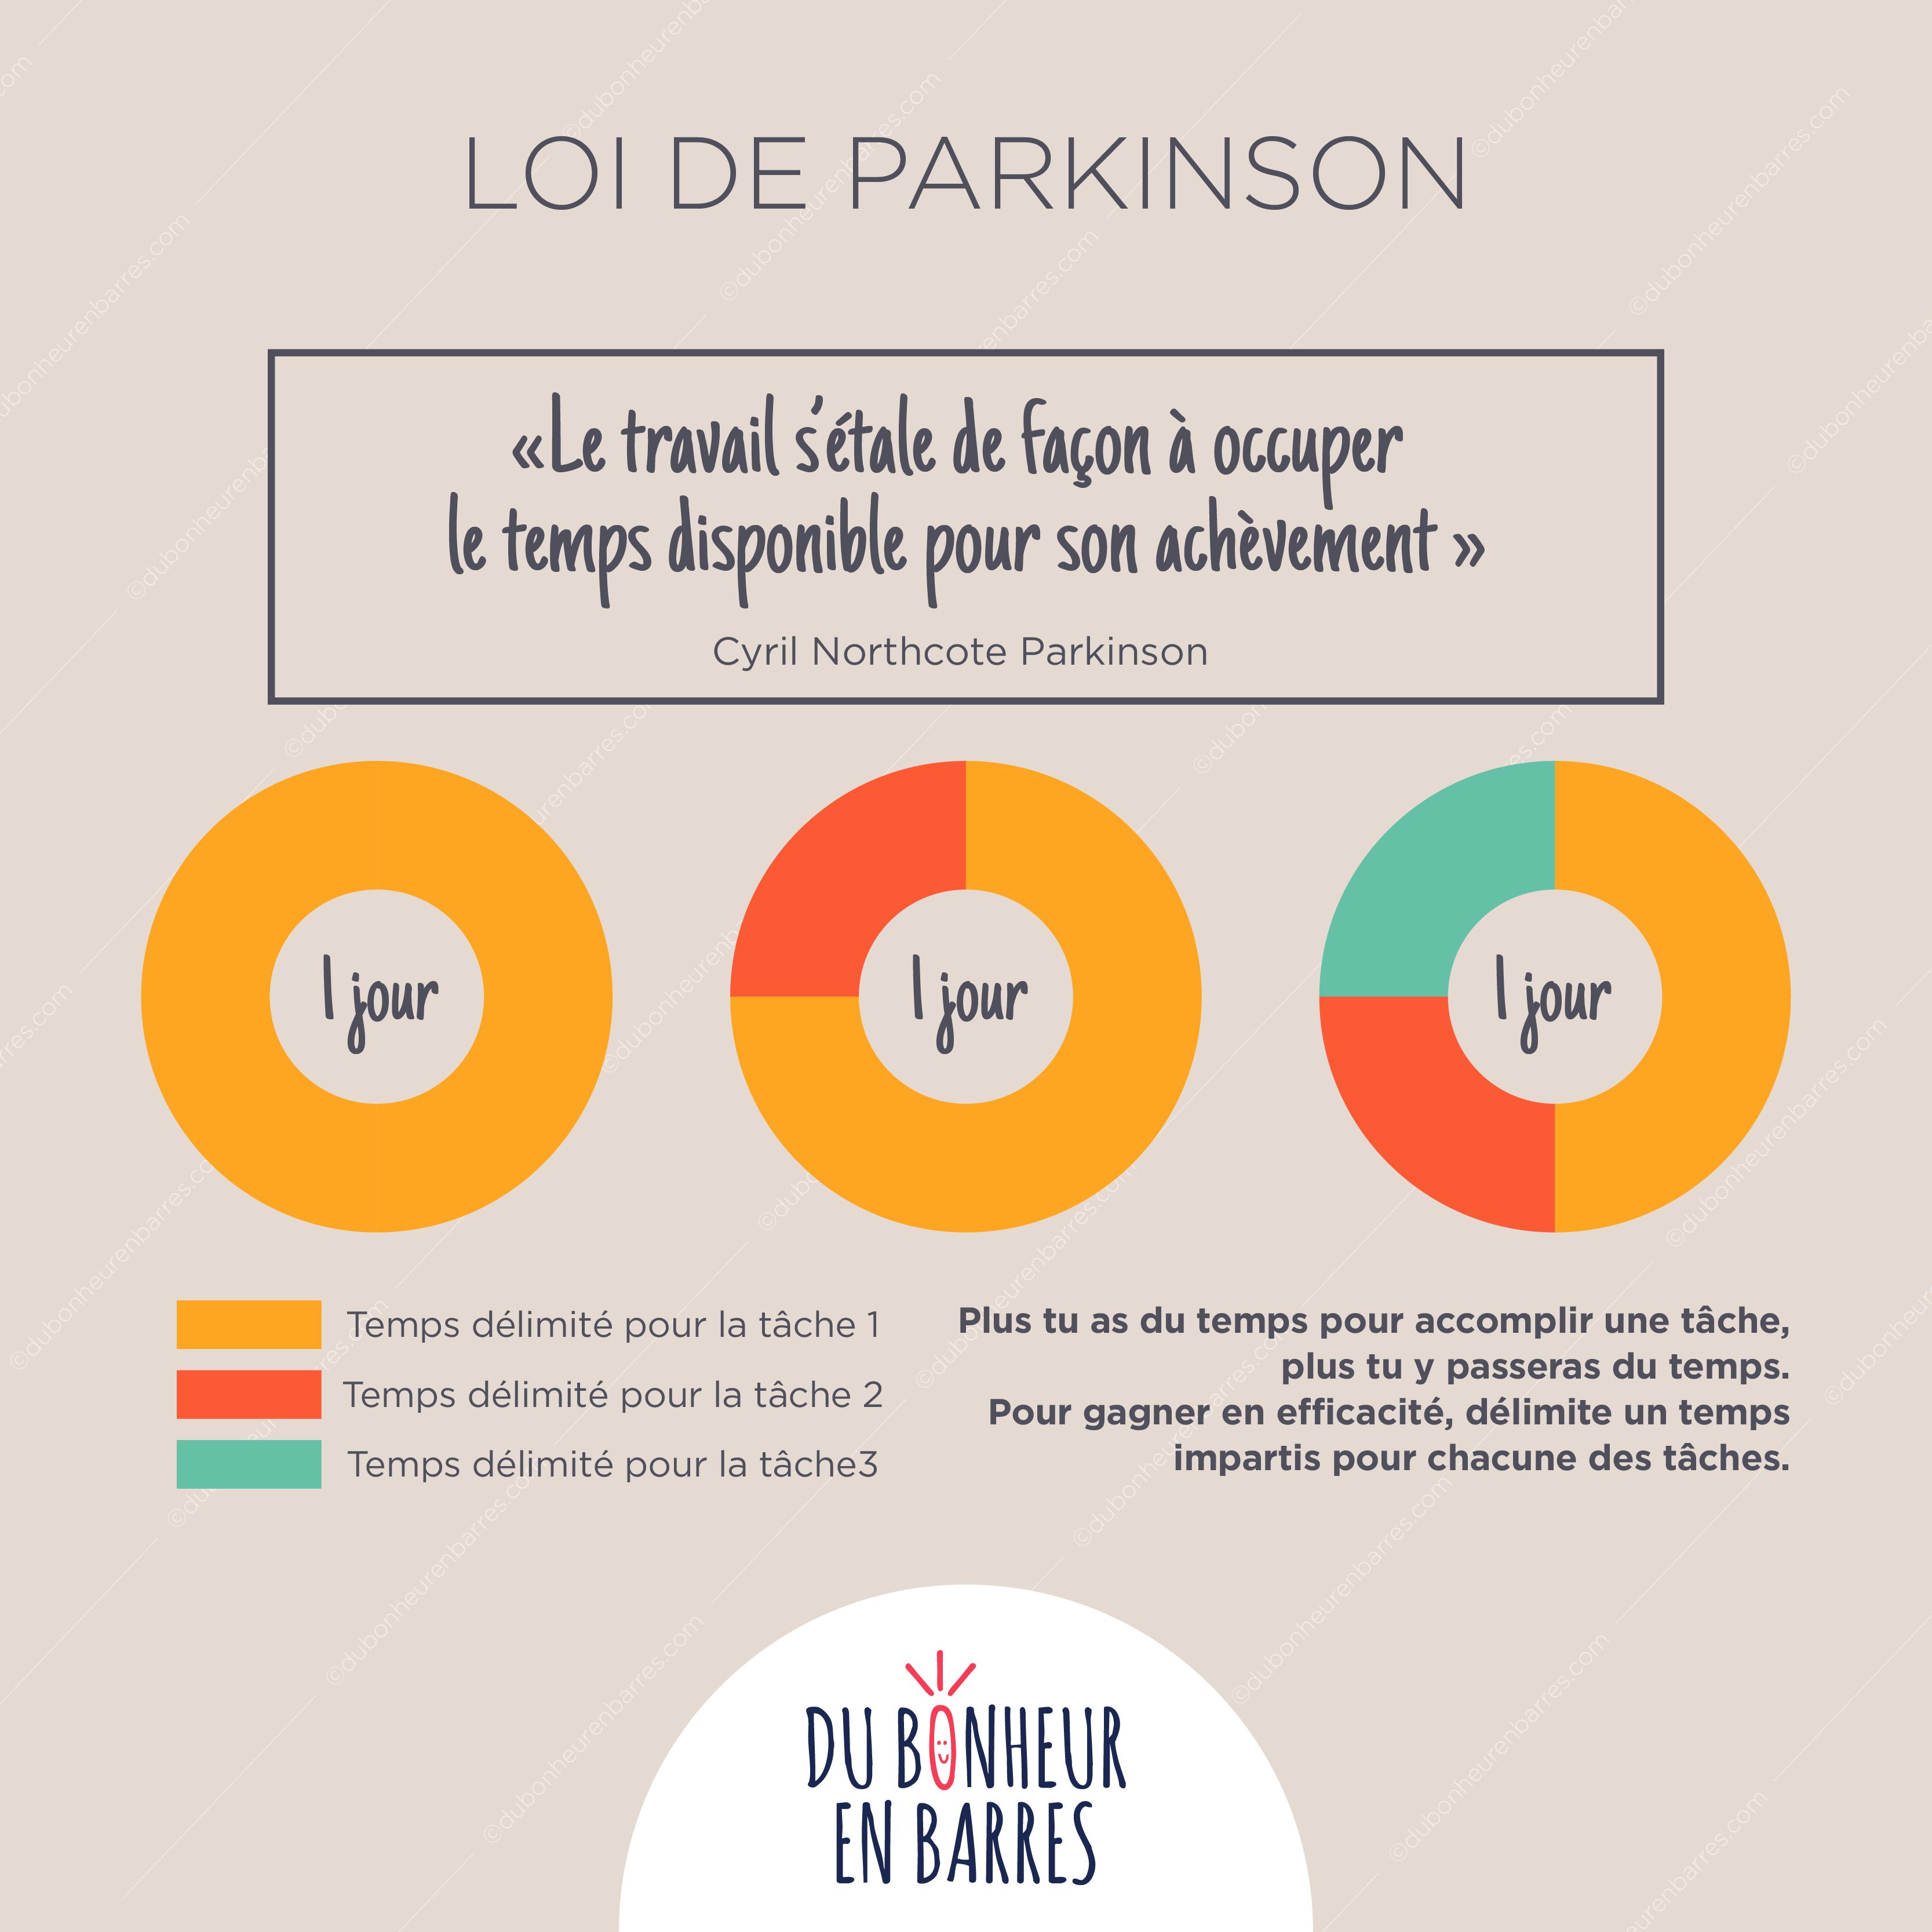 Loi de Parkinson